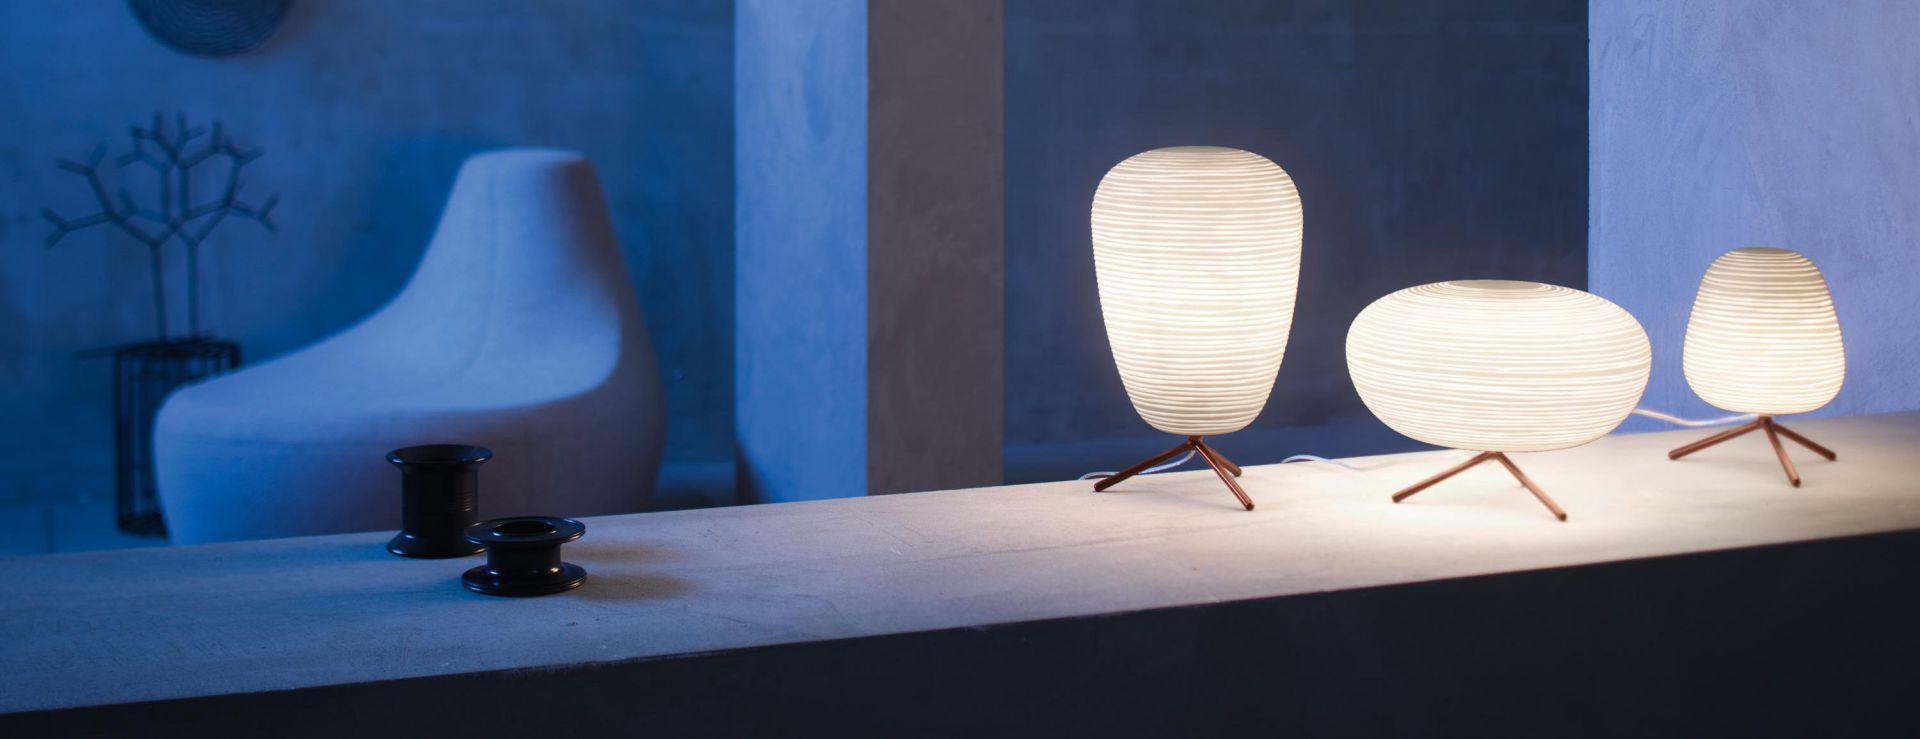 design lampe zu kaufen